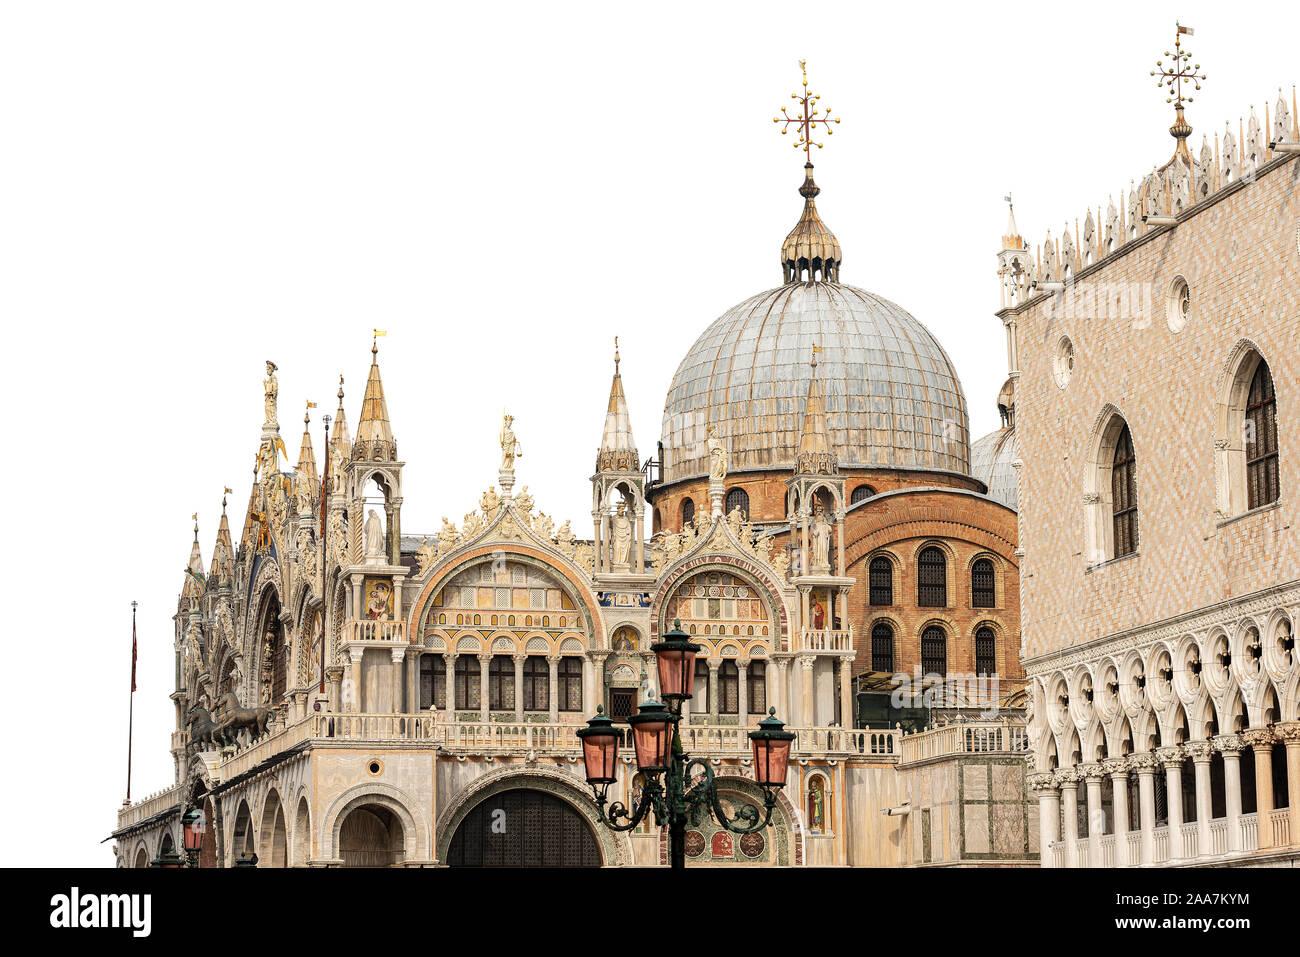 Venedig, die Basilika und die Kathedrale von San Marco (St. Der Evangelist Markus) und der Palazzo Ducale (Dogenpalast) isoliert auf weißem Hintergrund. Italien Stockfoto